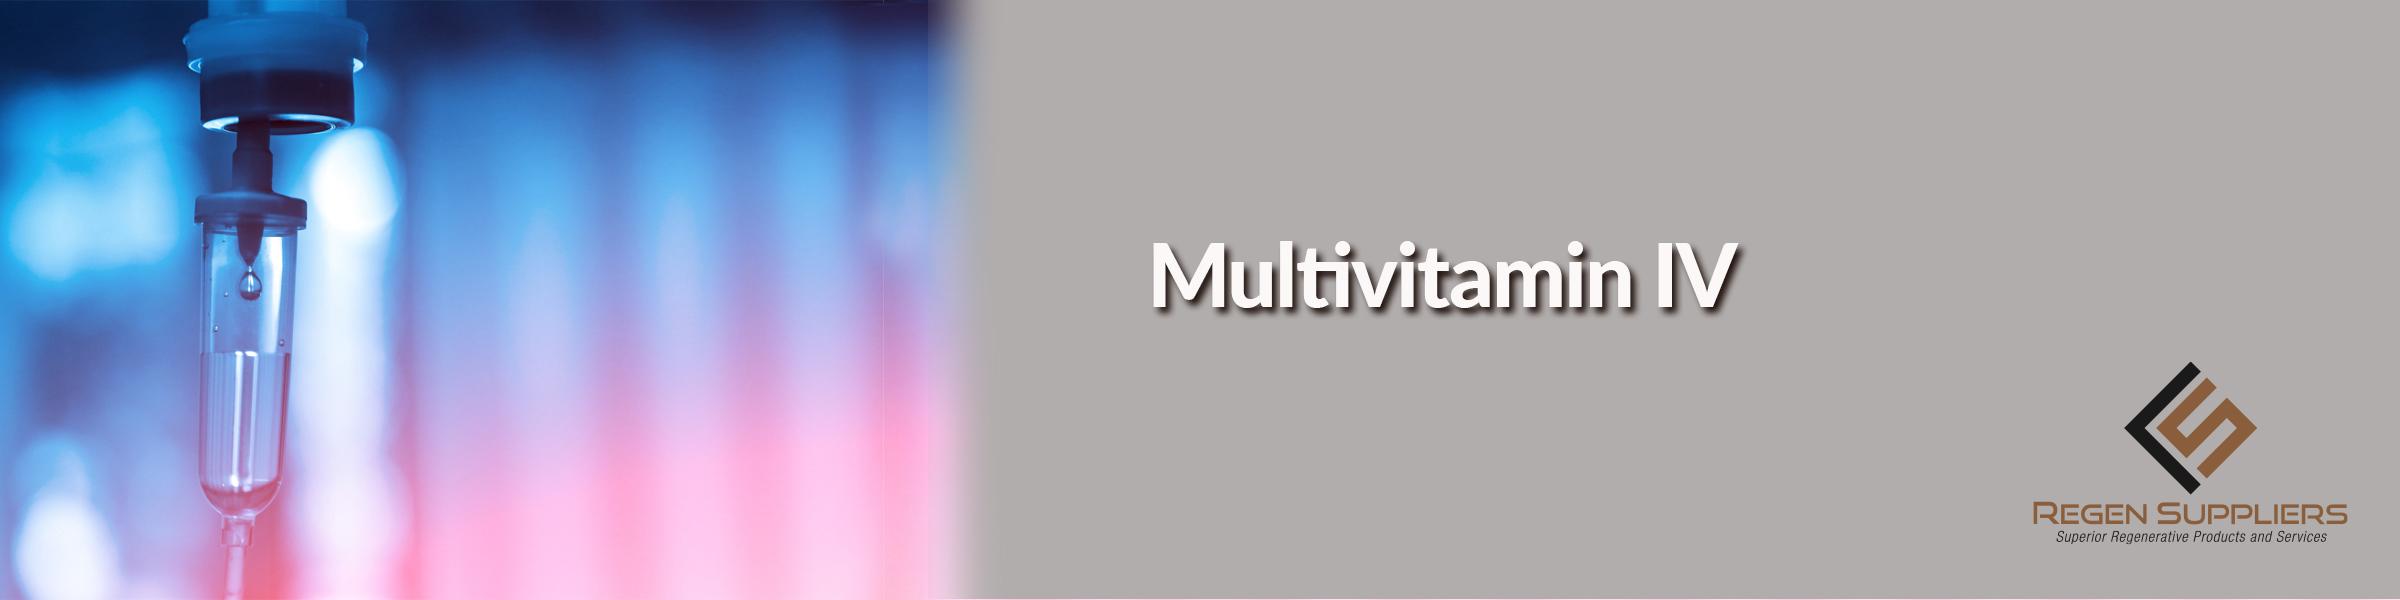 Multivitamin IV